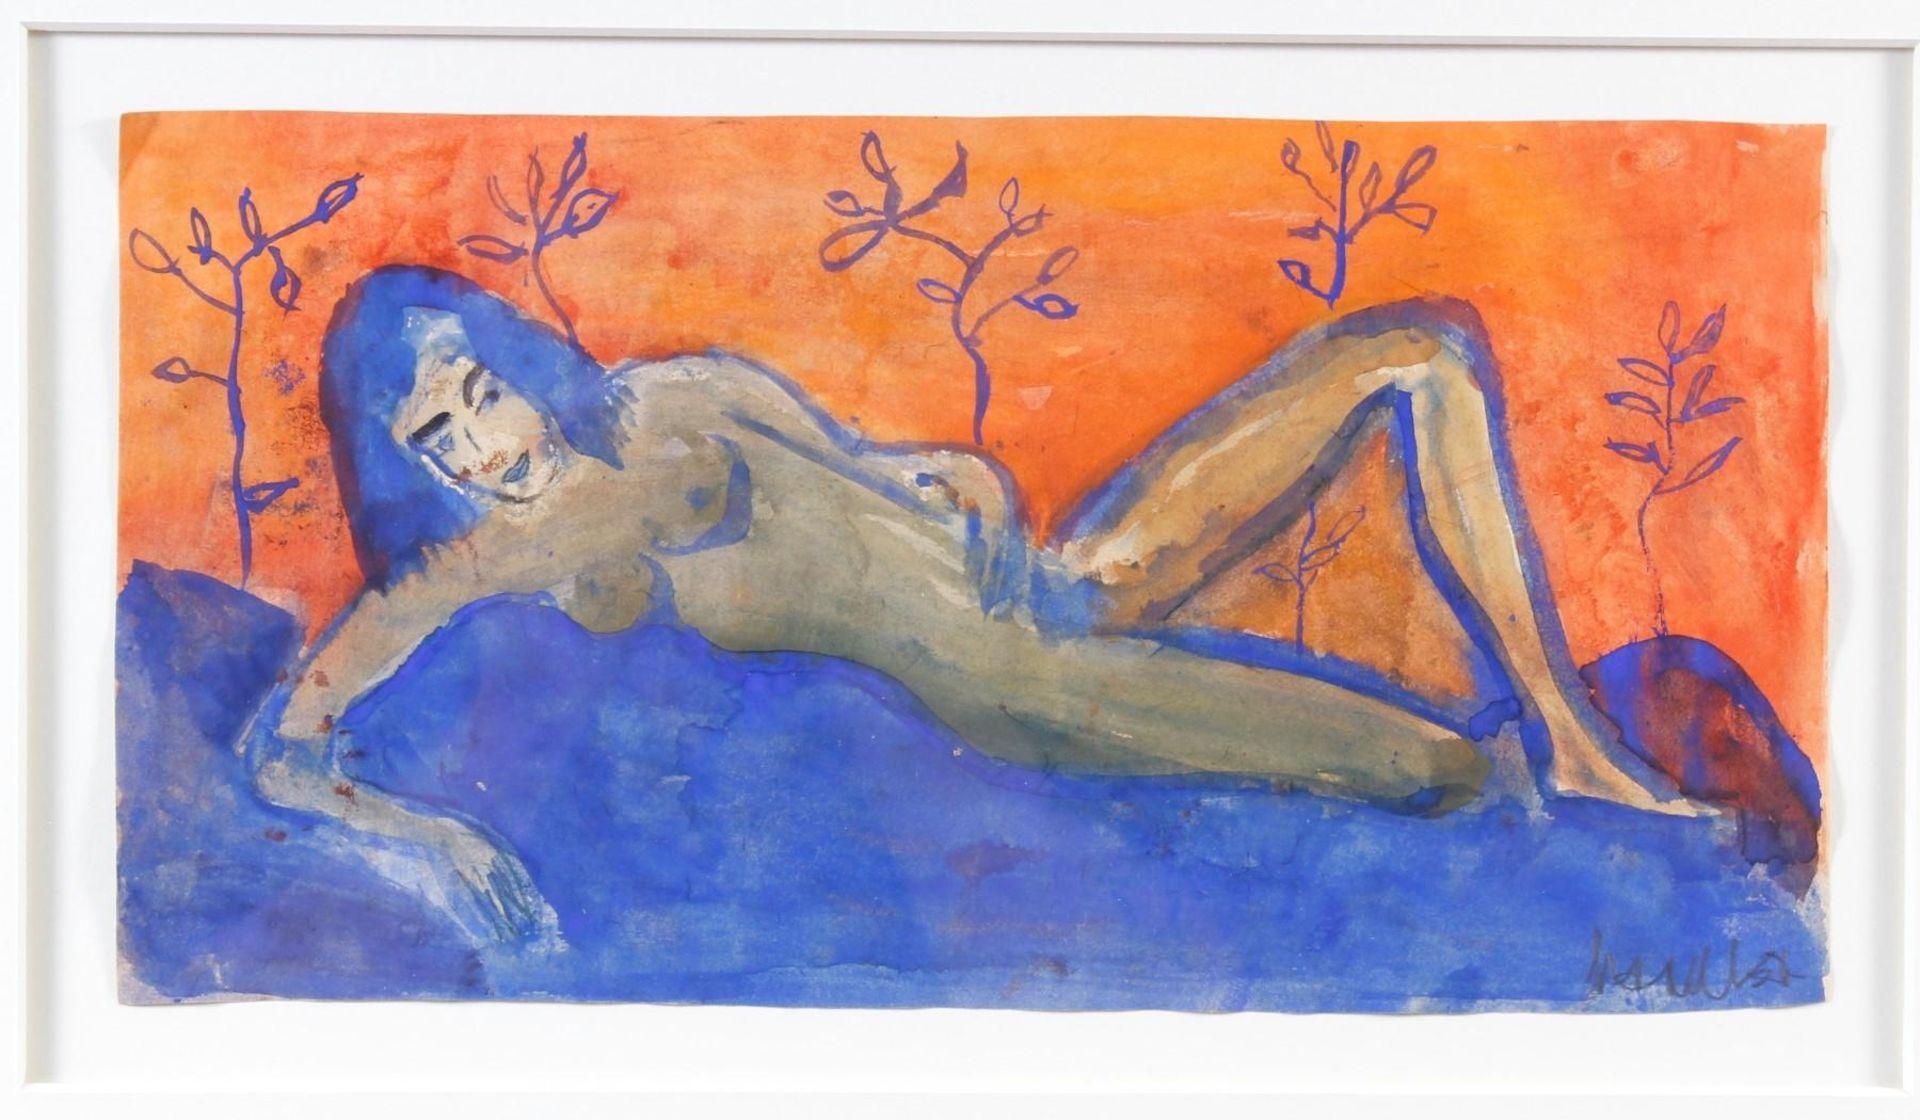 Aquarell, Liegender Frauenakt - Bild 2 aus 5